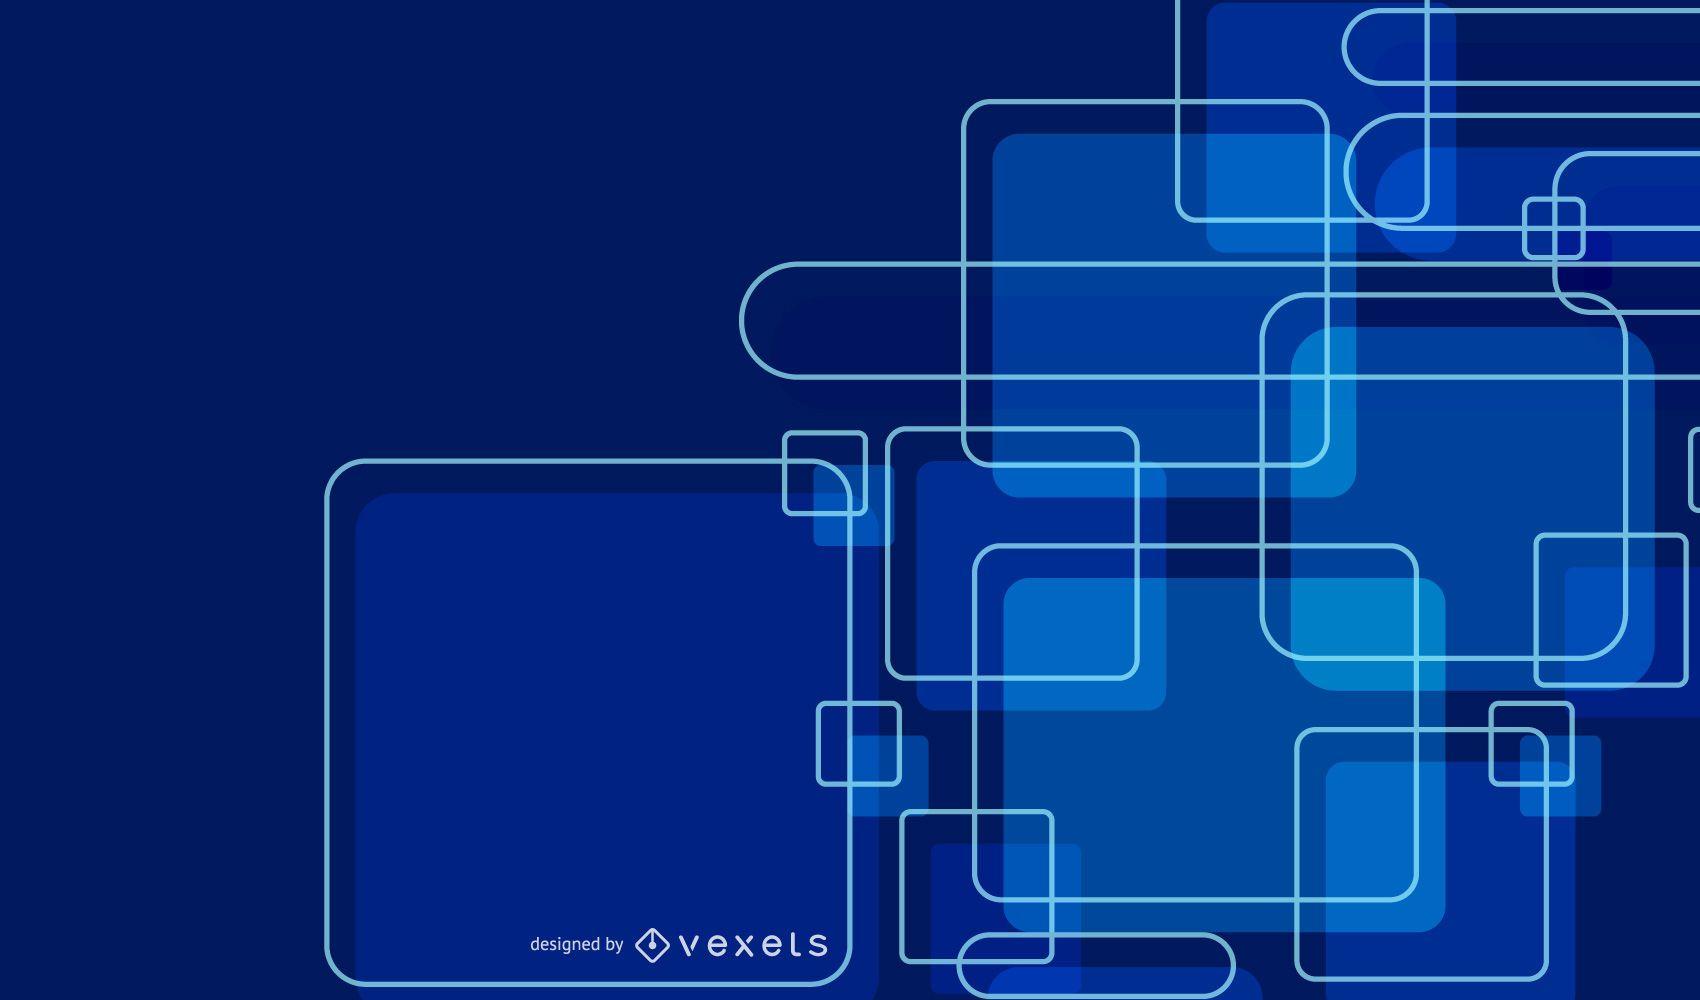 Fondo de cuadrados superpuestos azul brillante abstracto